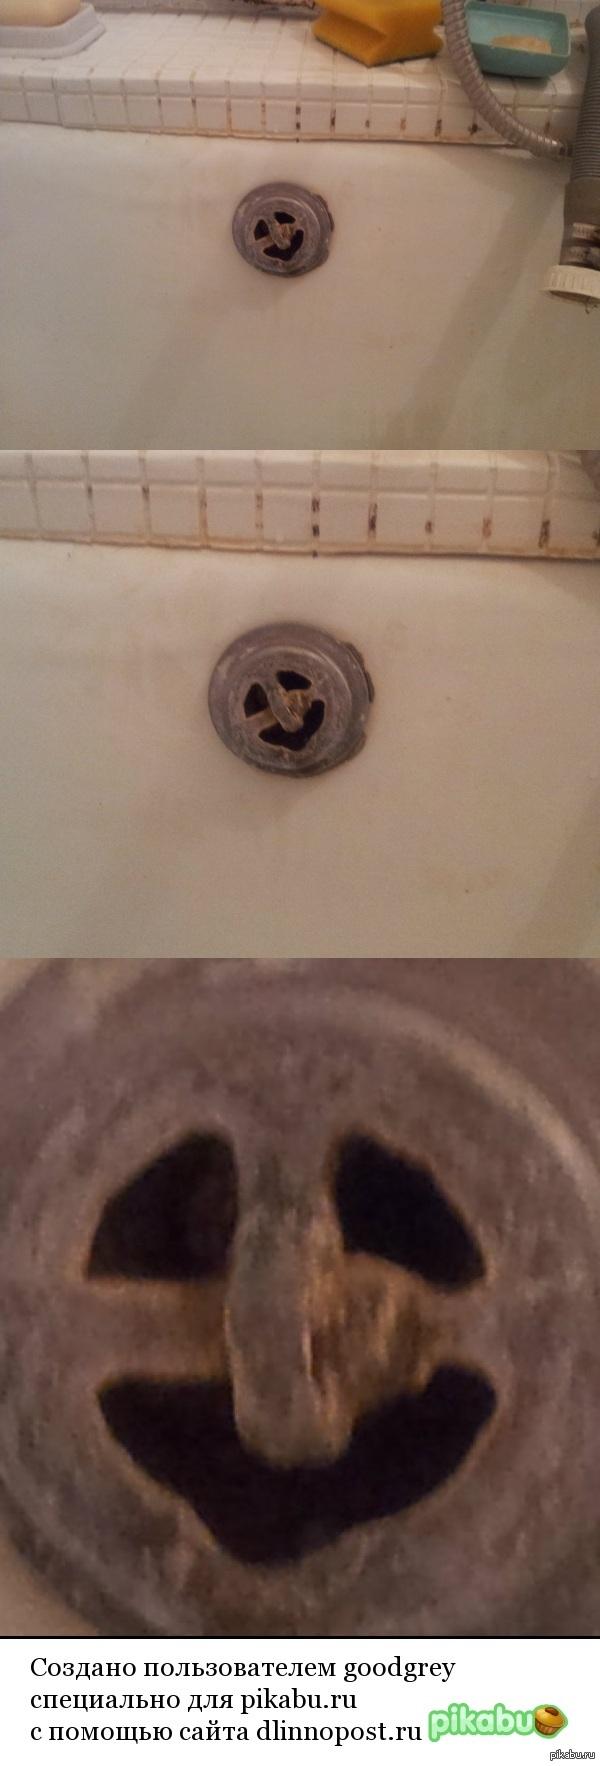 Пожалуй в другой раз помоюсь